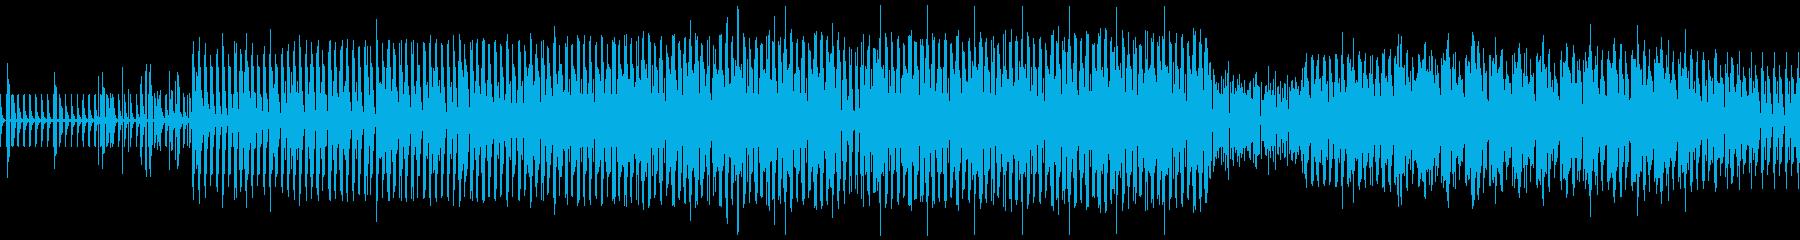 ほのぼのしたdub調の曲の再生済みの波形